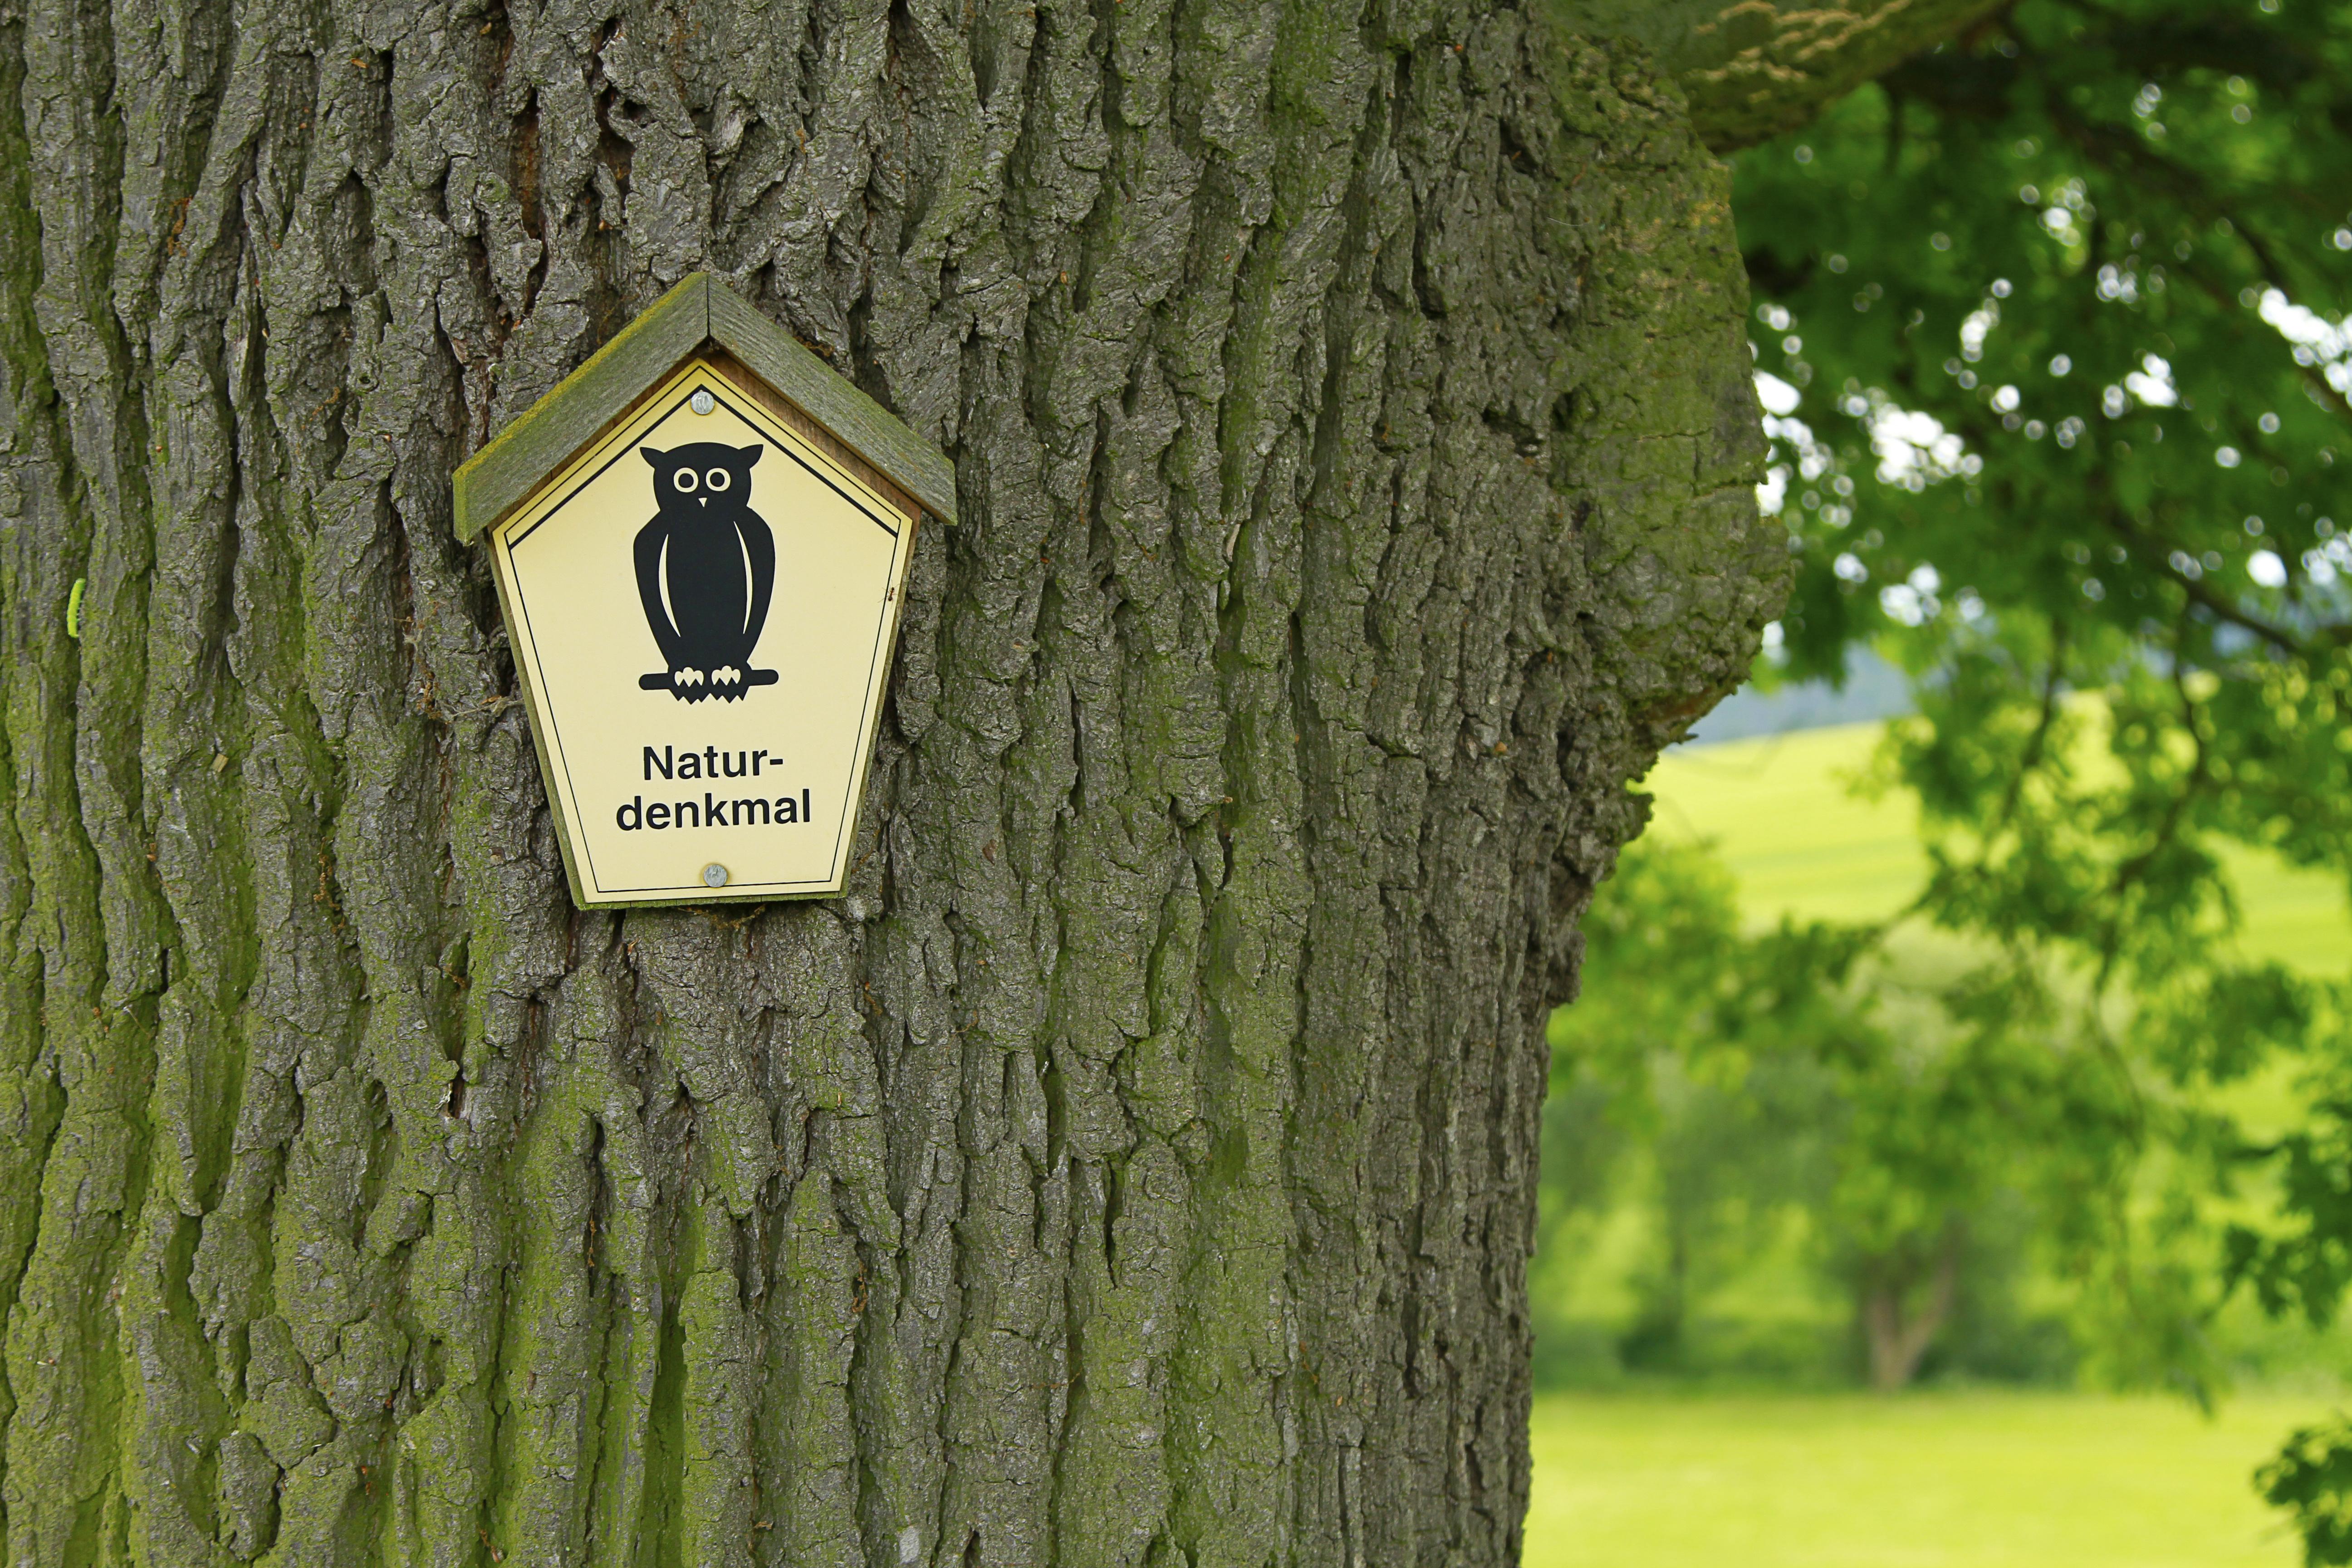 """Das Bild zeigt einen Ausschnitt des Stammes einer großen Eiche. Darauf ist ein fünfeckiges gelbes Schild mit einem schwarzen Uhu und dem Schriftzug """"Naturdenkmal"""" befestigt. Rechts im Hintergund sind grüne Wiesen und Sträucher zu sehen."""